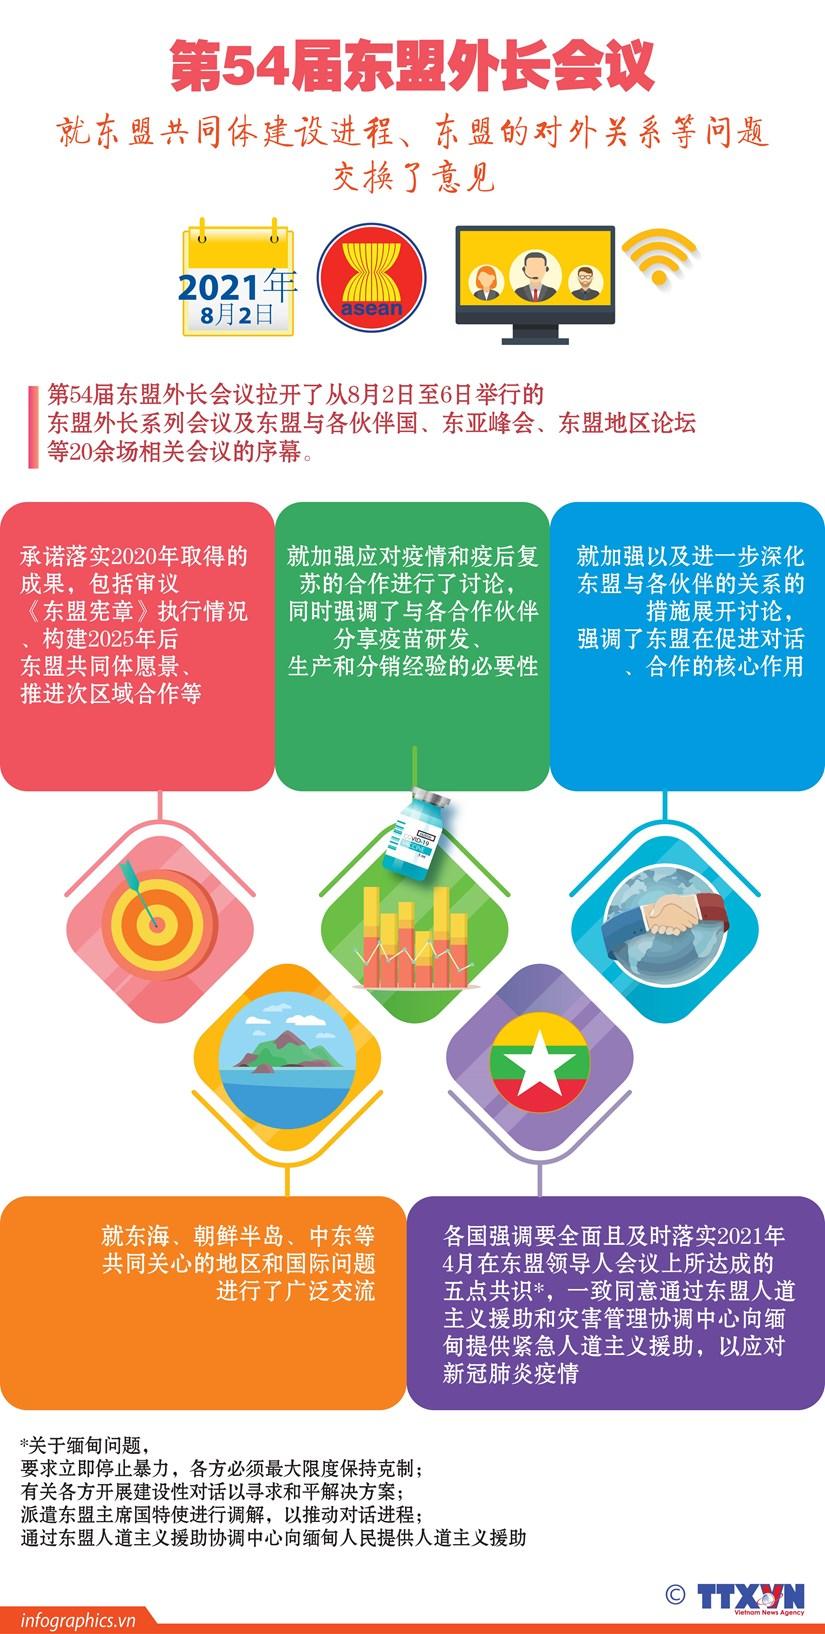 图表新闻:第54届东盟外长会议就东盟共同体建设进程、东盟的对外关系等问题交换意见 hinh anh 1